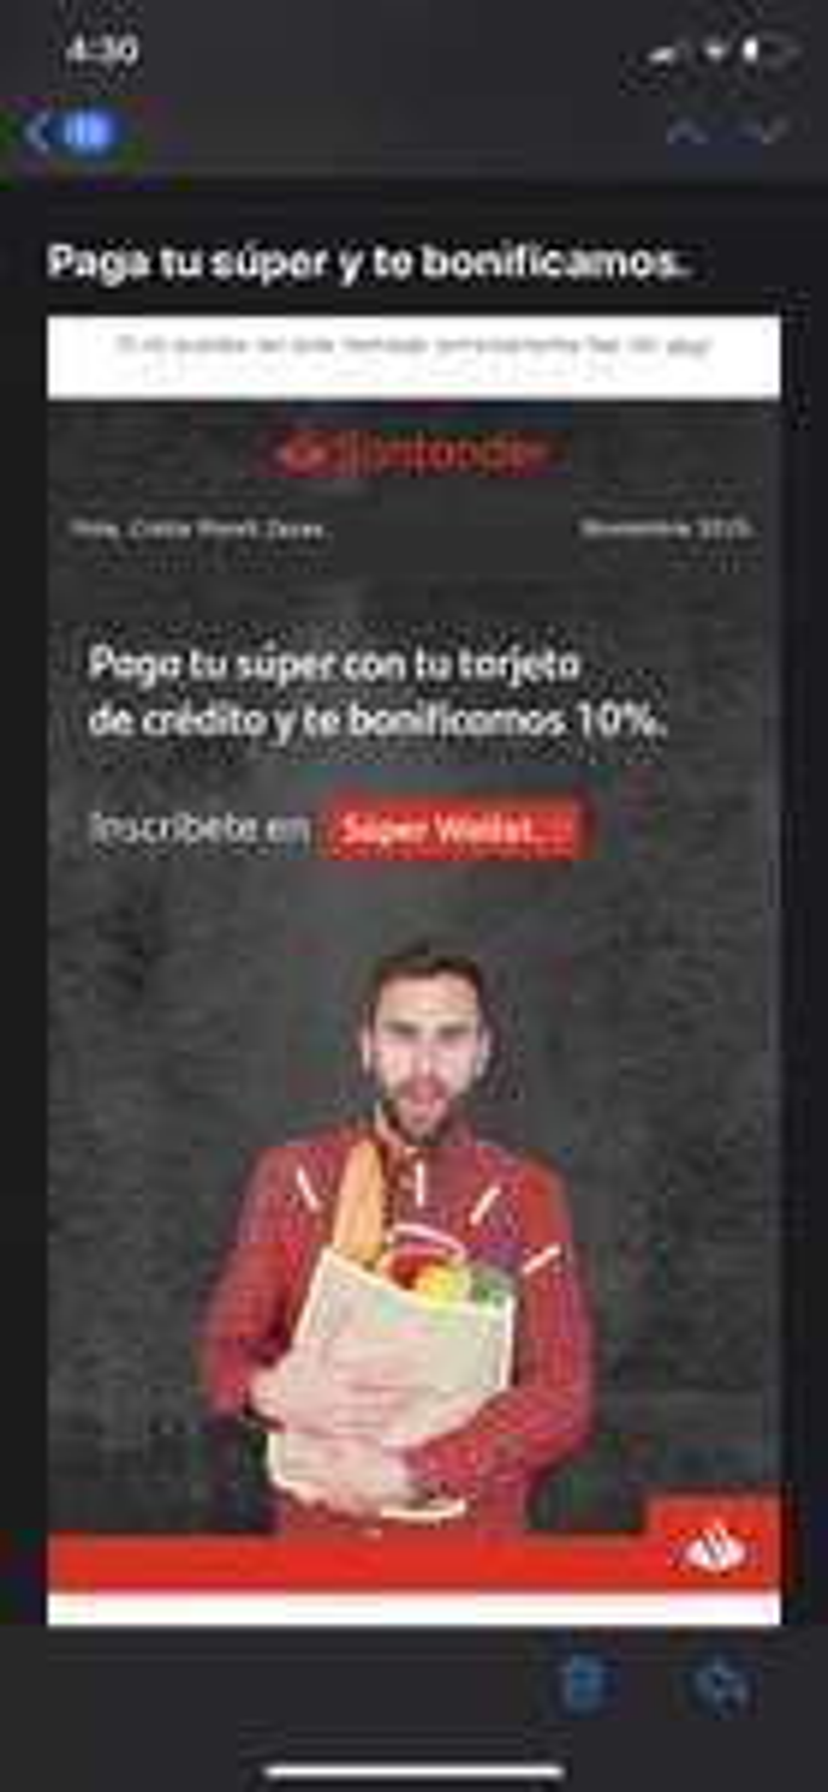 Santander: bonificación pagando el súper con tarjetas Santander en tiendas participantes (mínimo $3000)